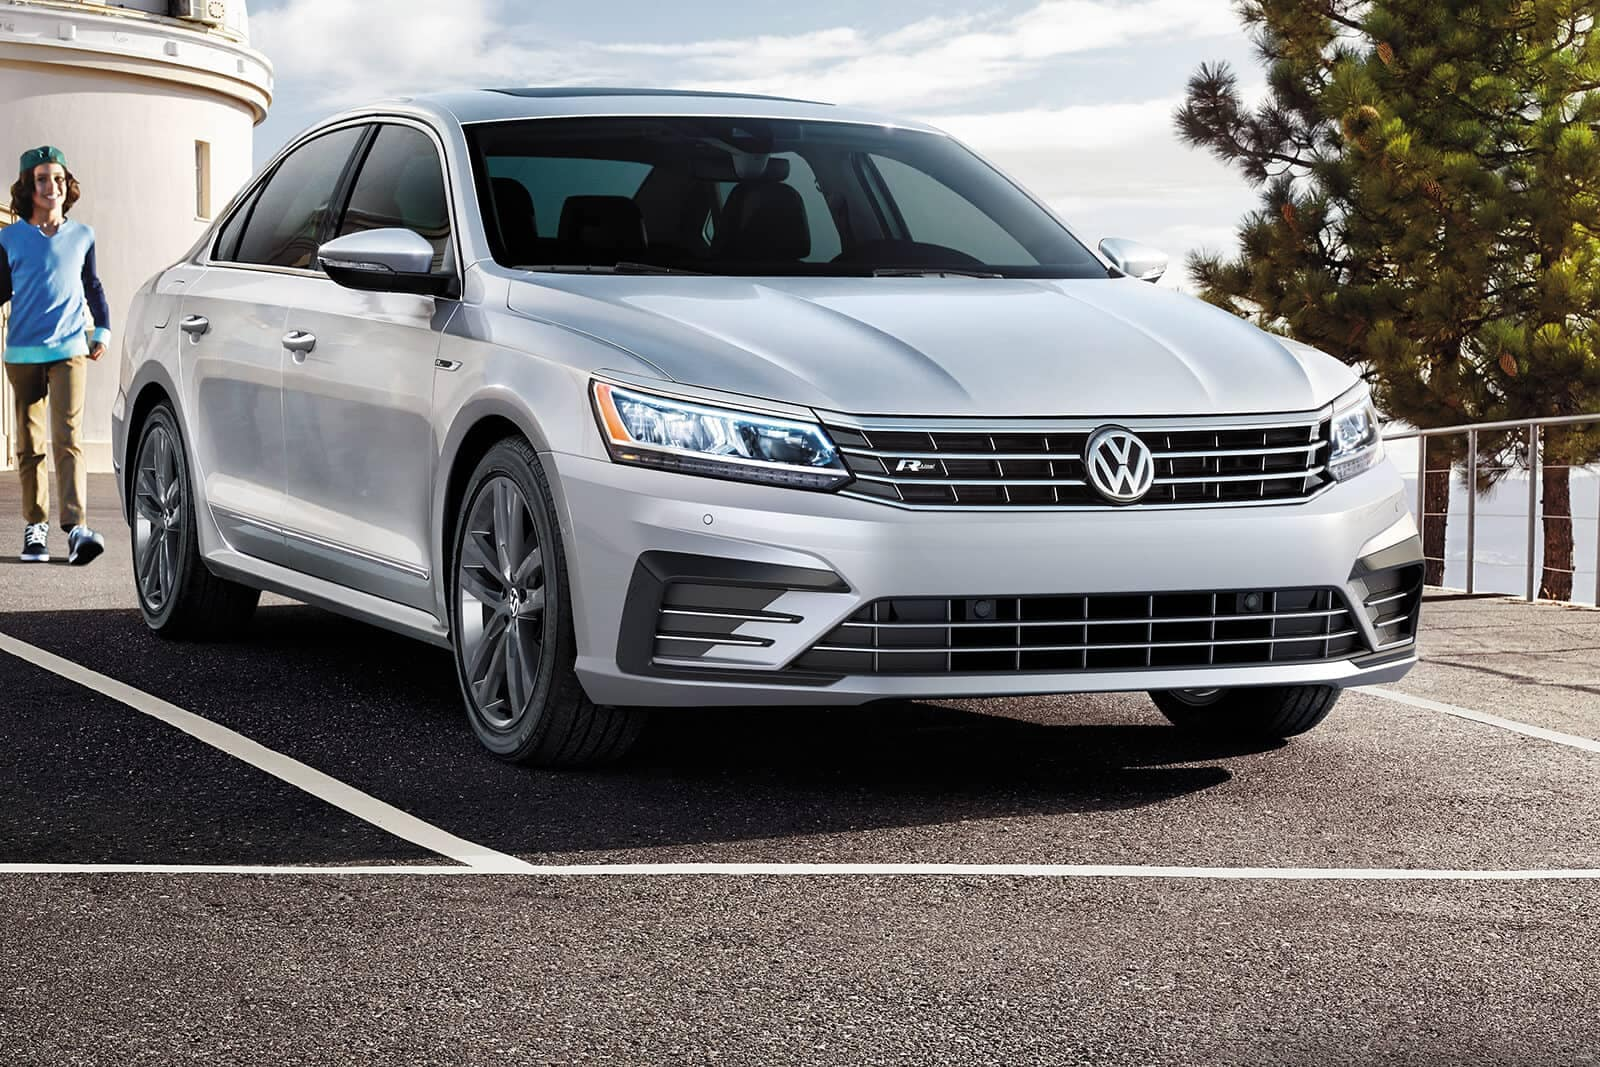 2019-Volkswagen-Passat-parked